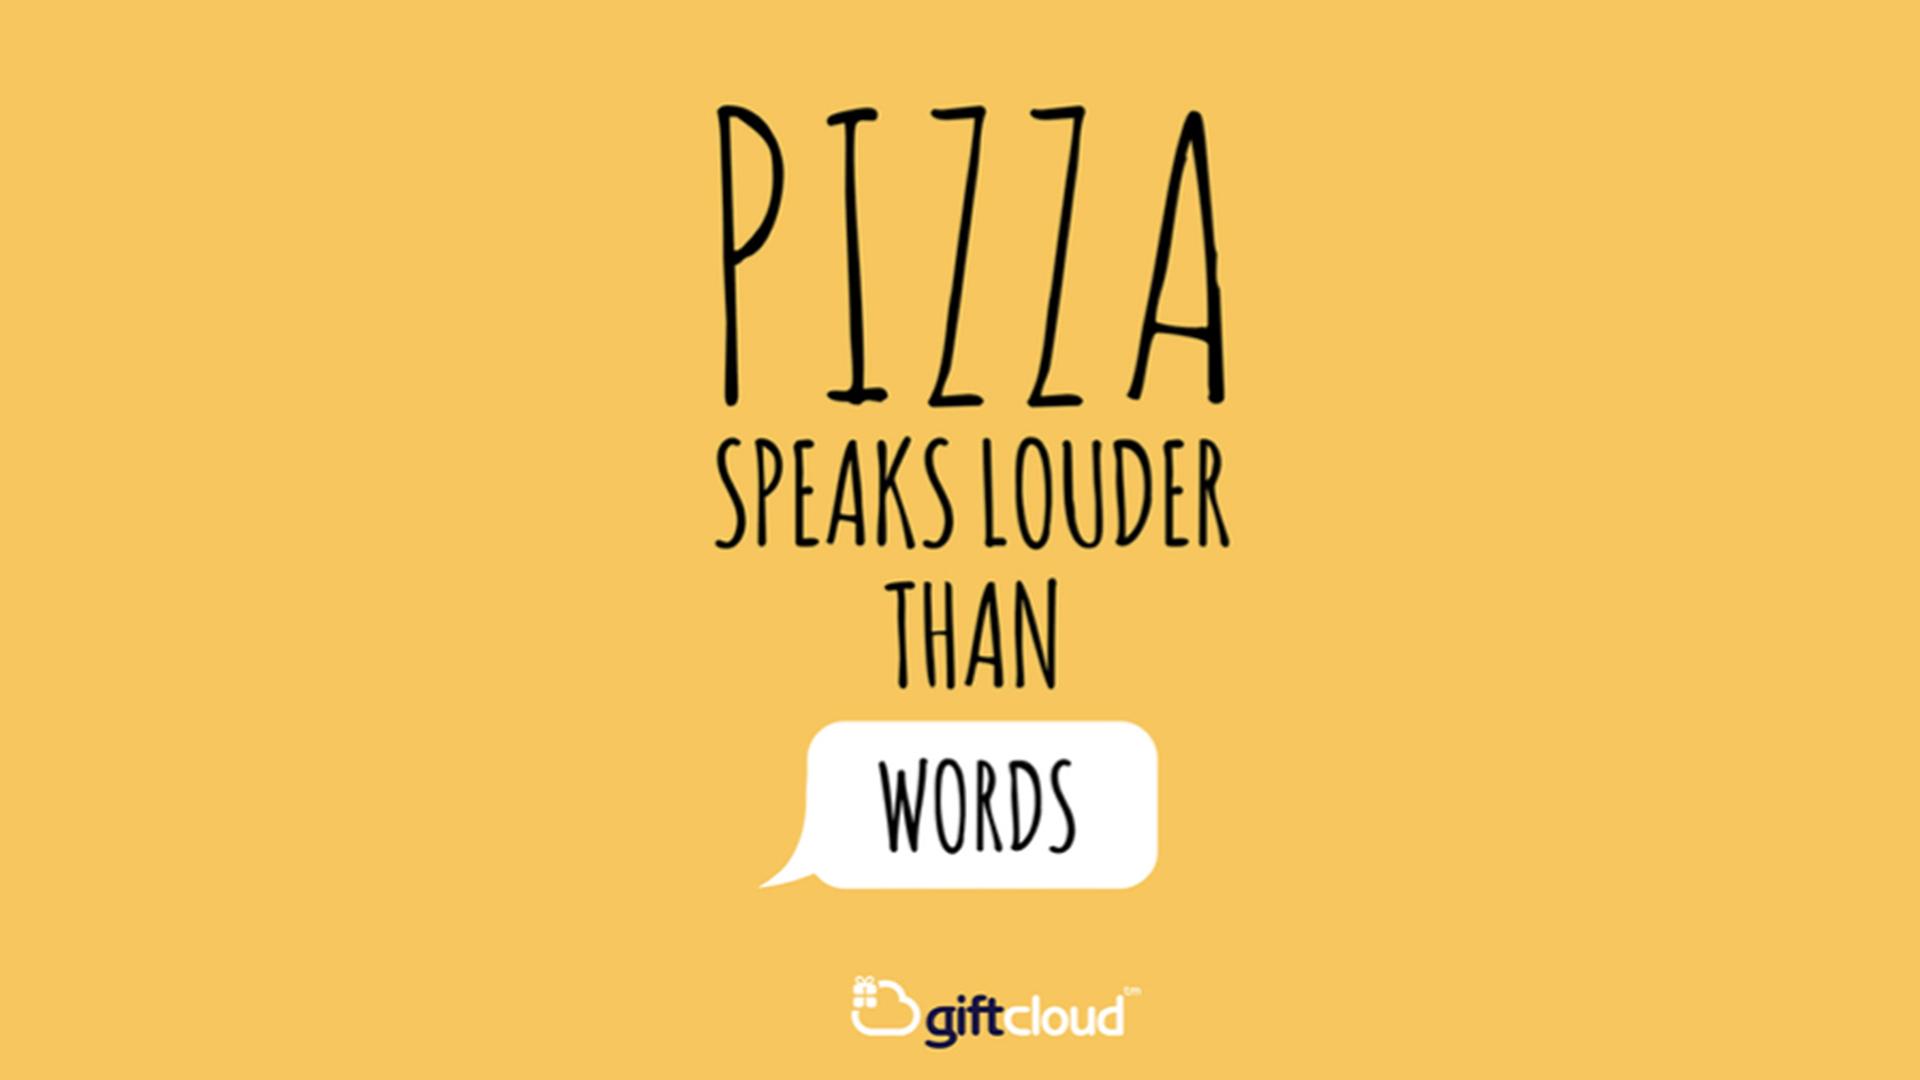 1920x1080_Giftcloud_Pizza_Speaks_Louder.png